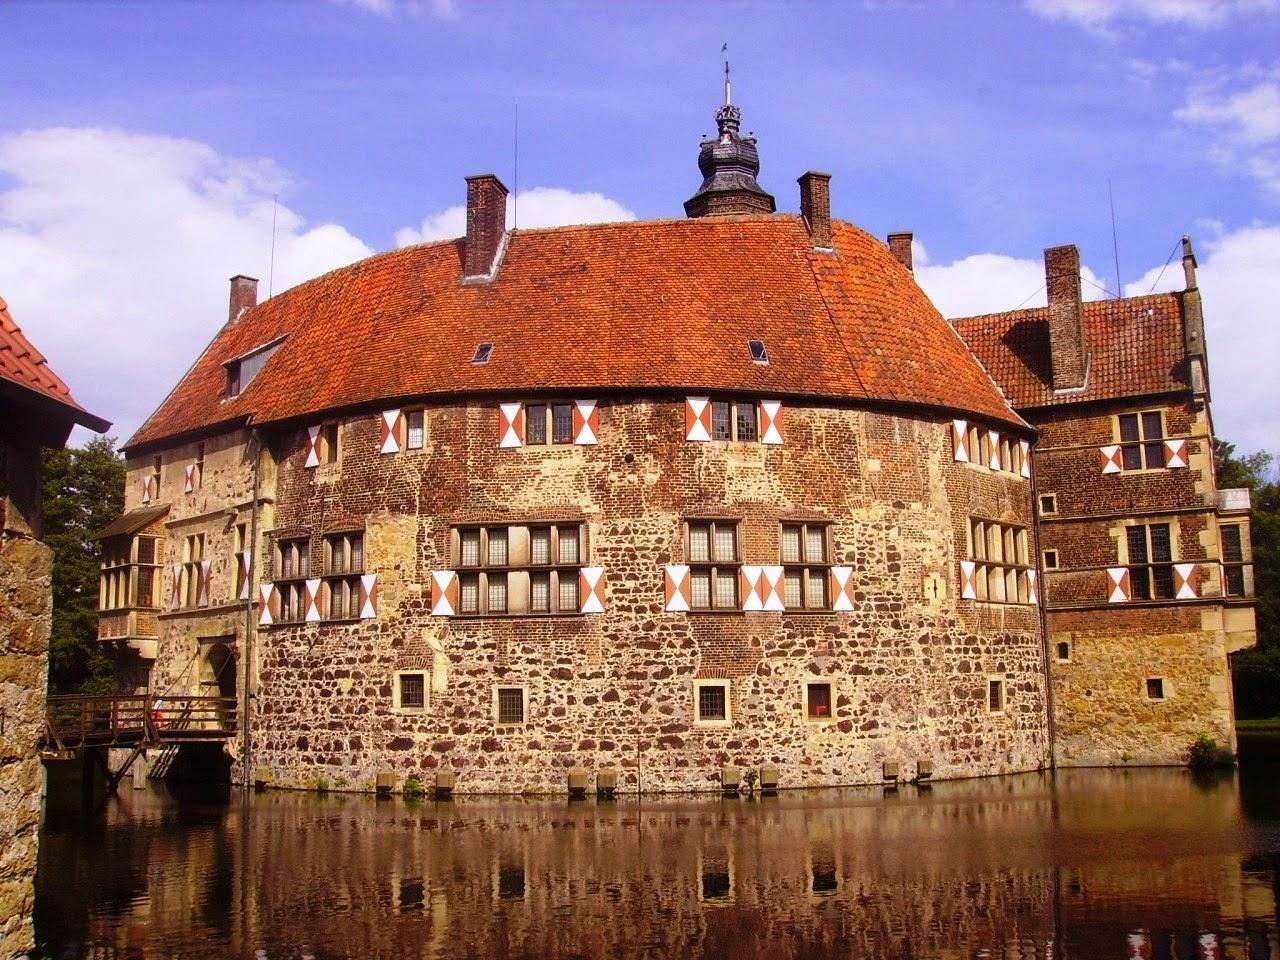 Средневековый замок секса 9 фотография